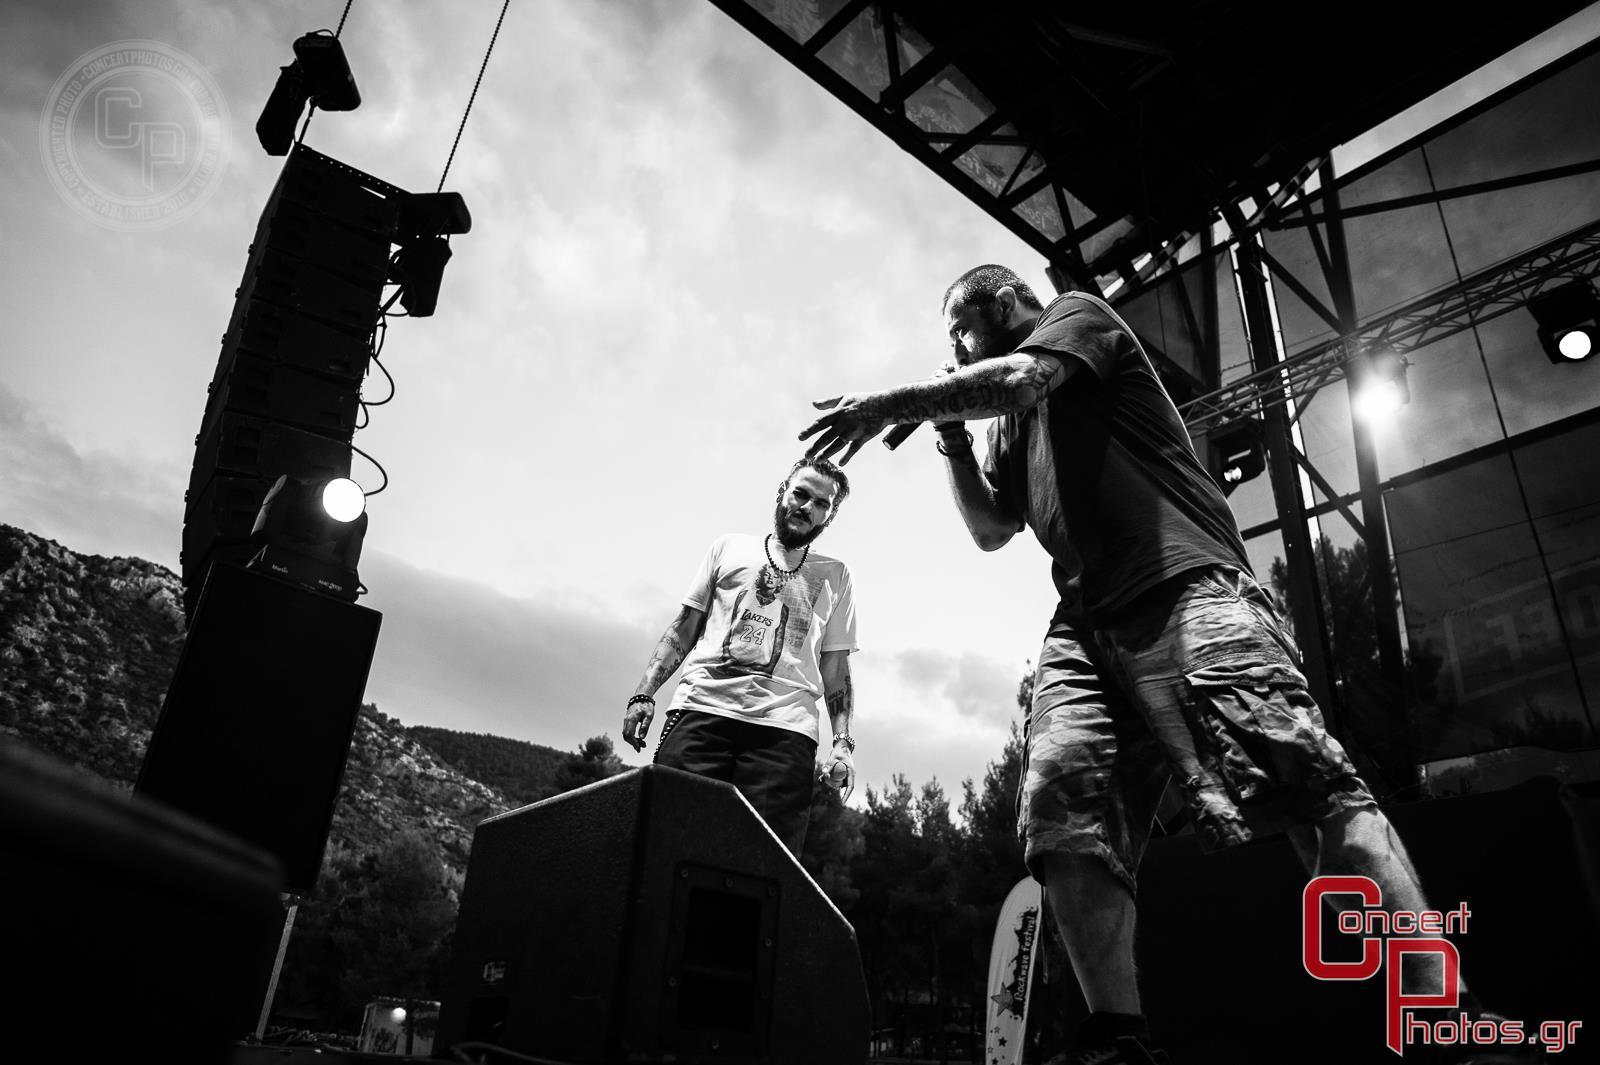 Rockwave 2014-Rockwave 2014 - Day 1 photographer:  - Rockwave-2014-80